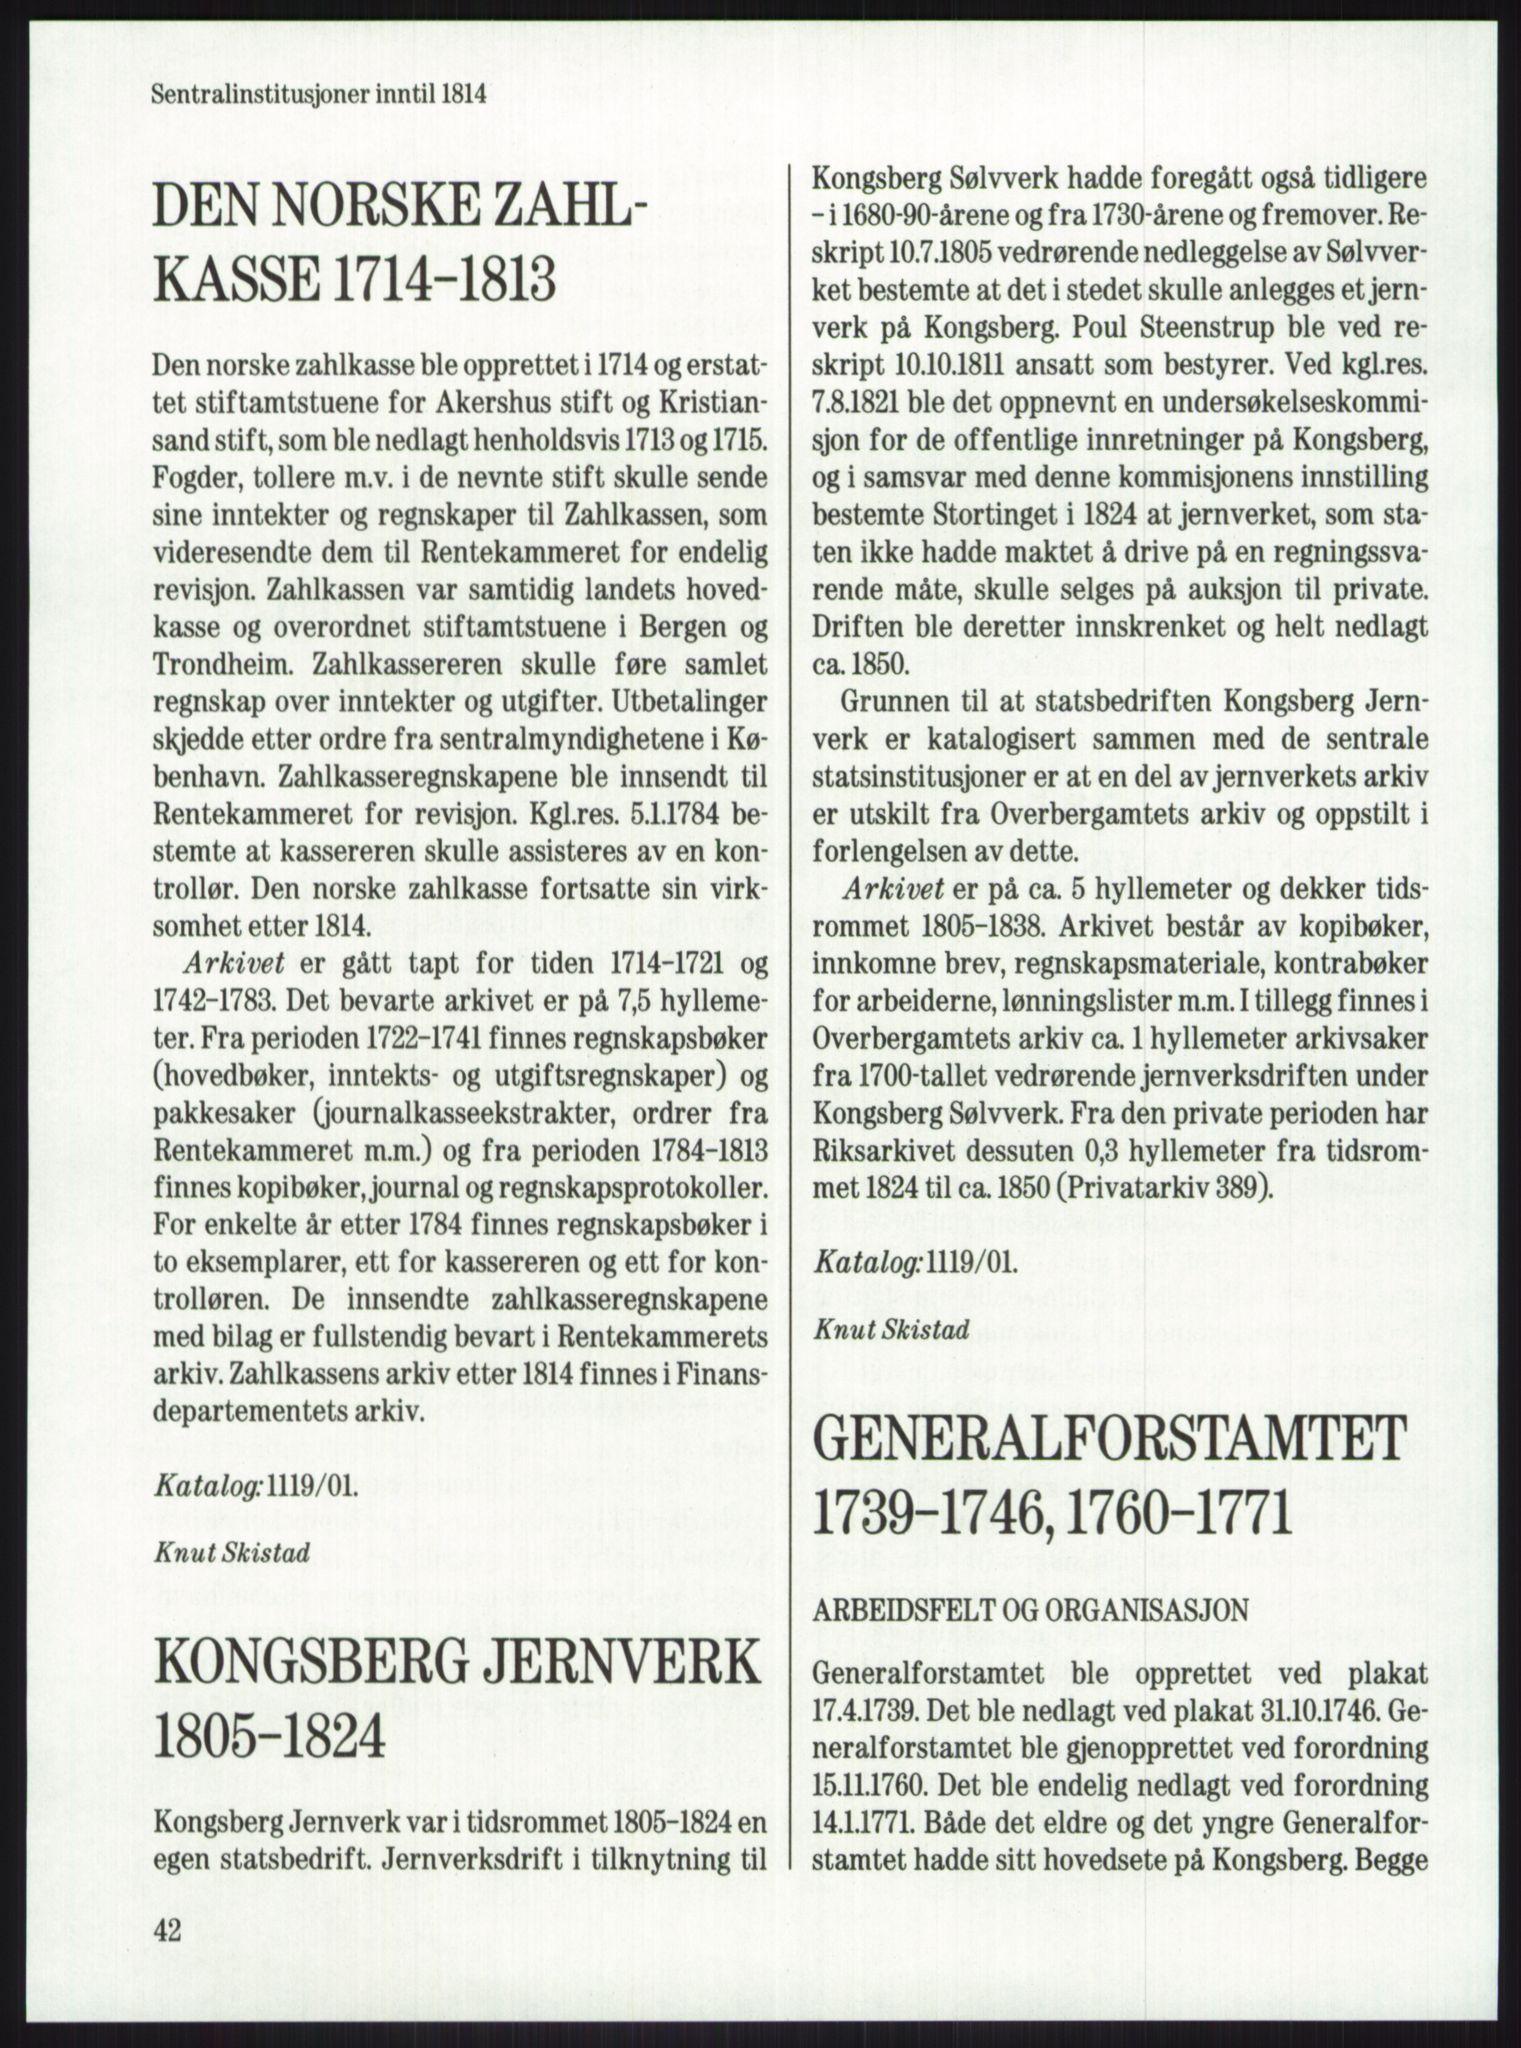 RA, Publikasjoner, -/-: Knut Johannessen, Ole Kolsrud og Dag Mangset (red.): Håndbok for Riksarkivet (1992), s. 42